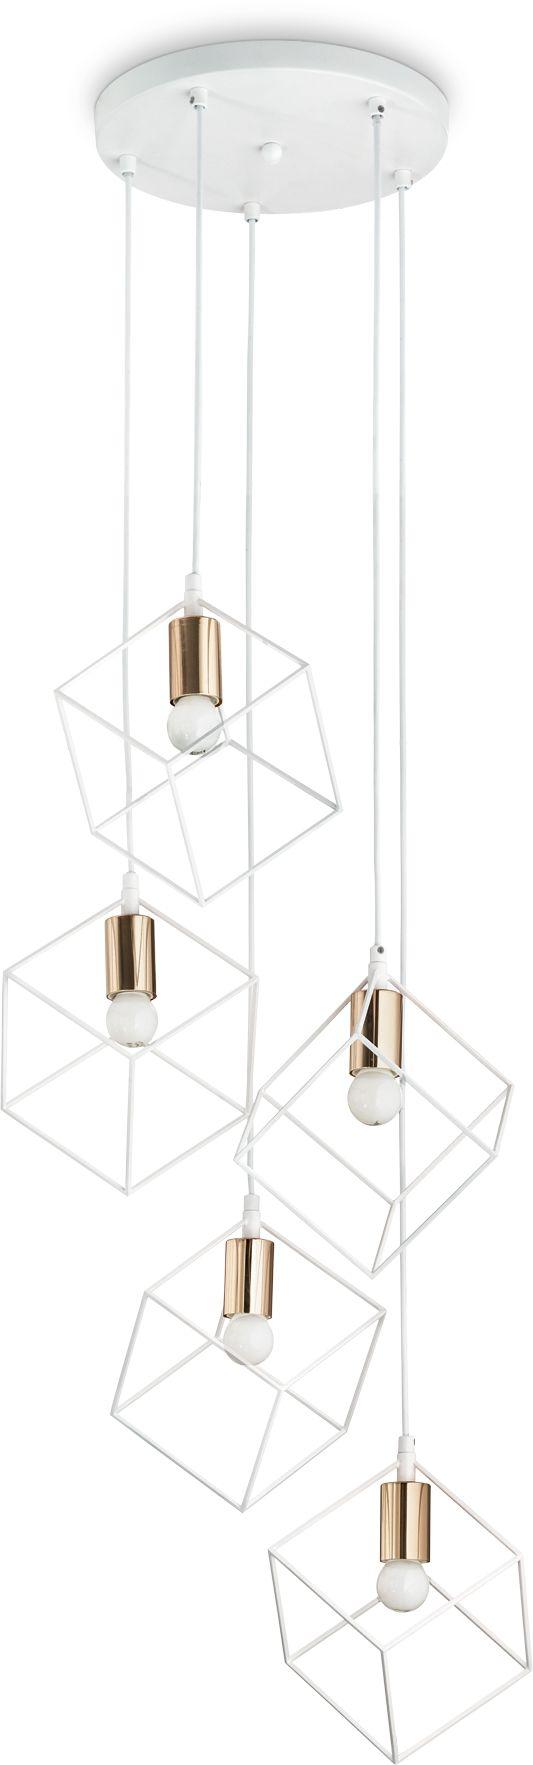 Lampa wisząca Ice 237671 Ideal Lux nowoczesna oprawa w kolorze bieli i złota